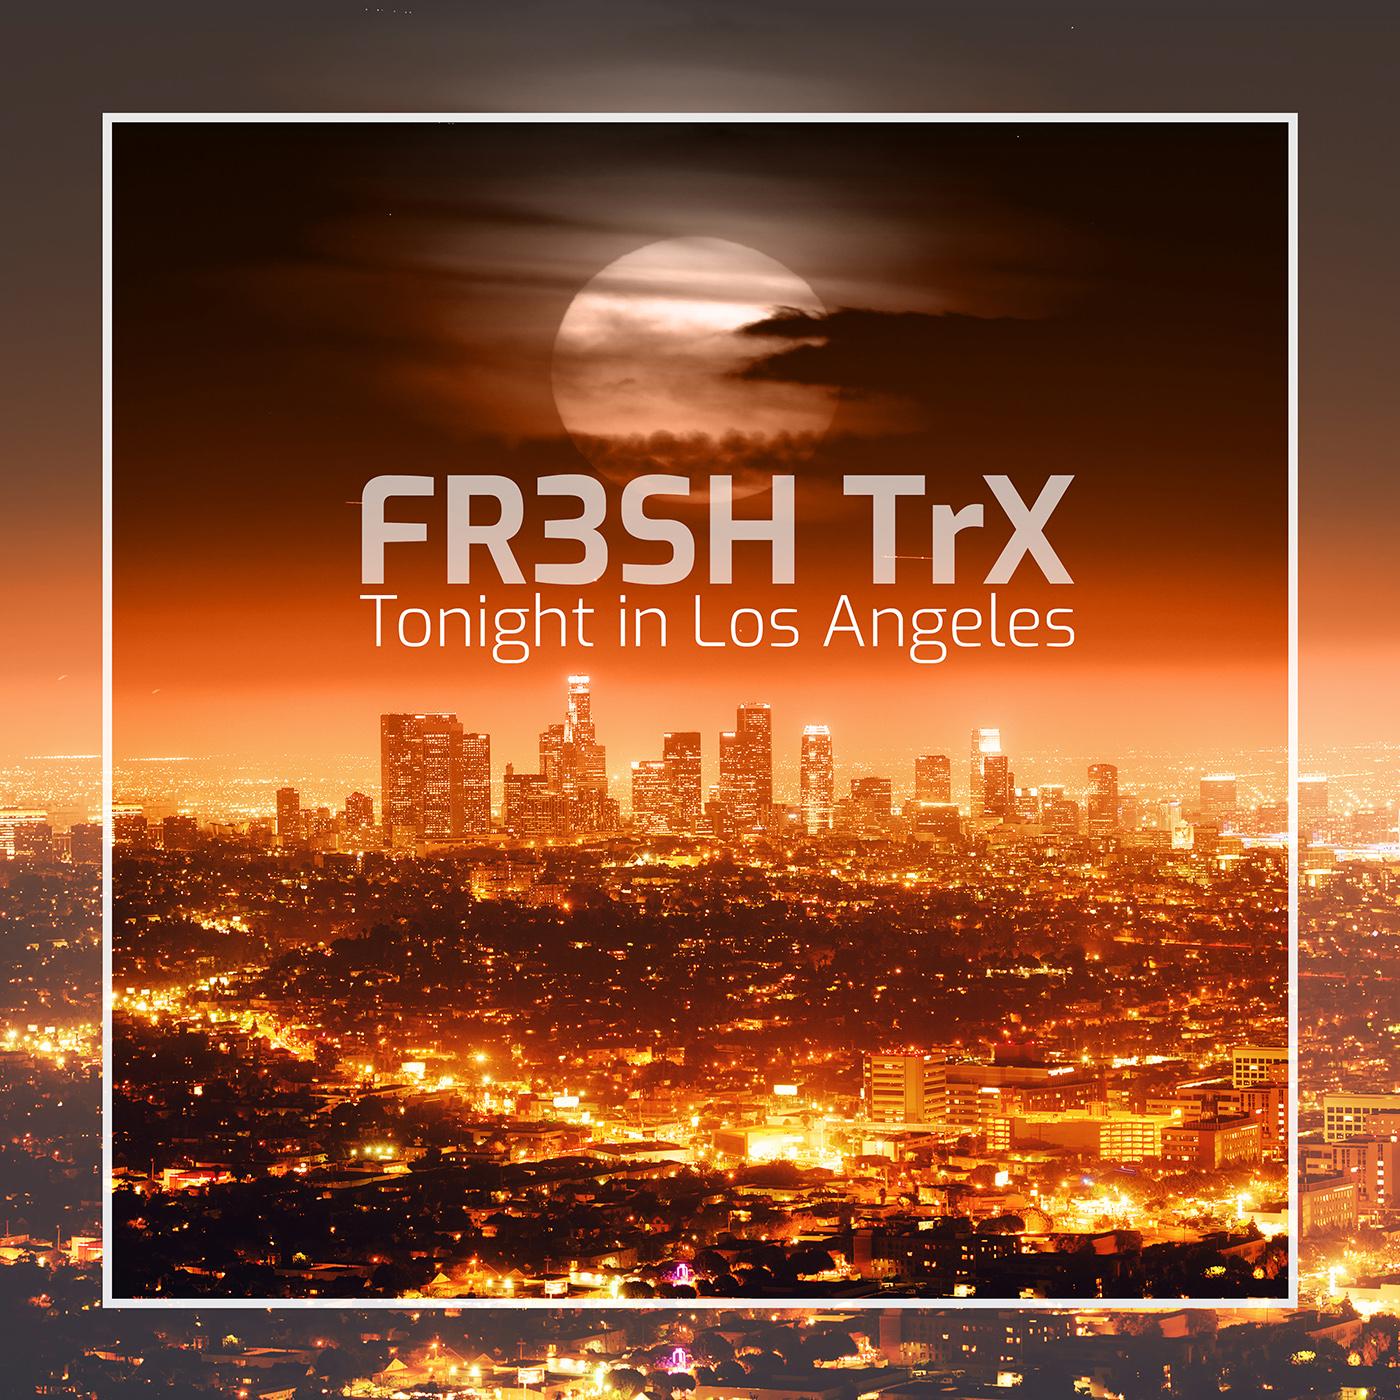 FR3SH TrX Tonight in Los Angeles (Single)